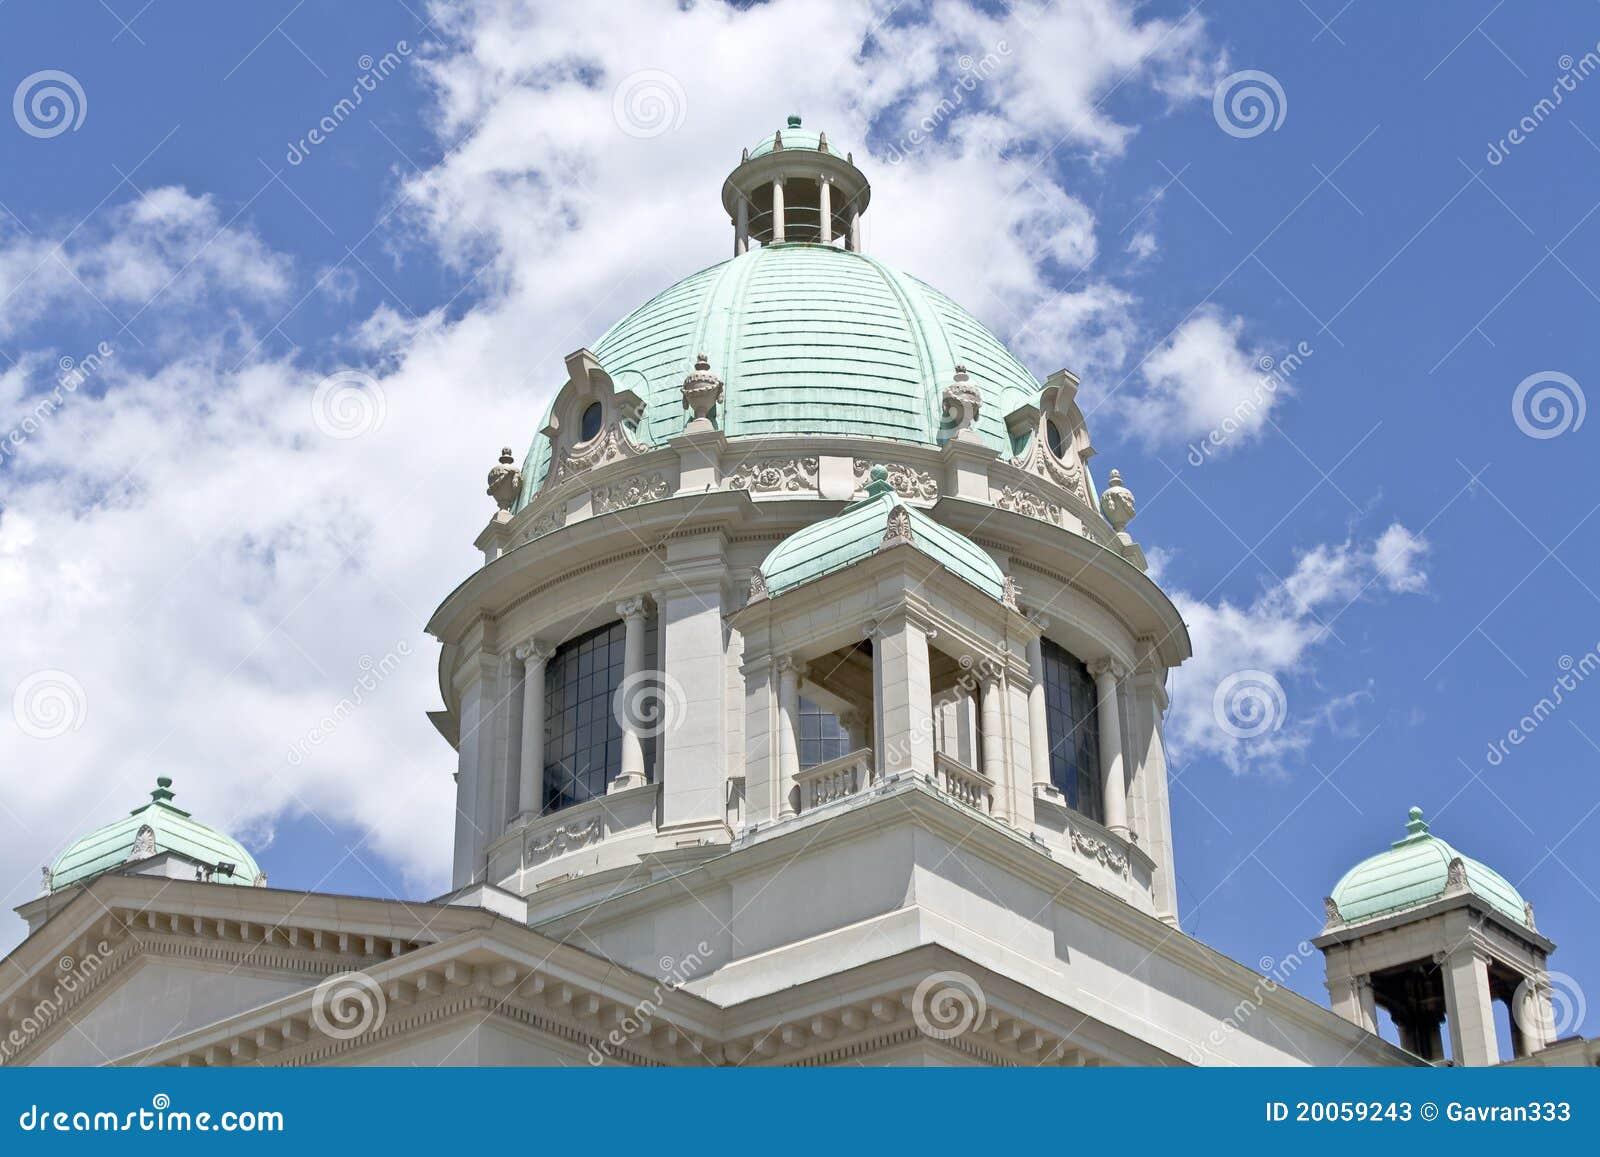 Cupola del parlamento serbo immagine stock immagine di for Struttura del parlamento